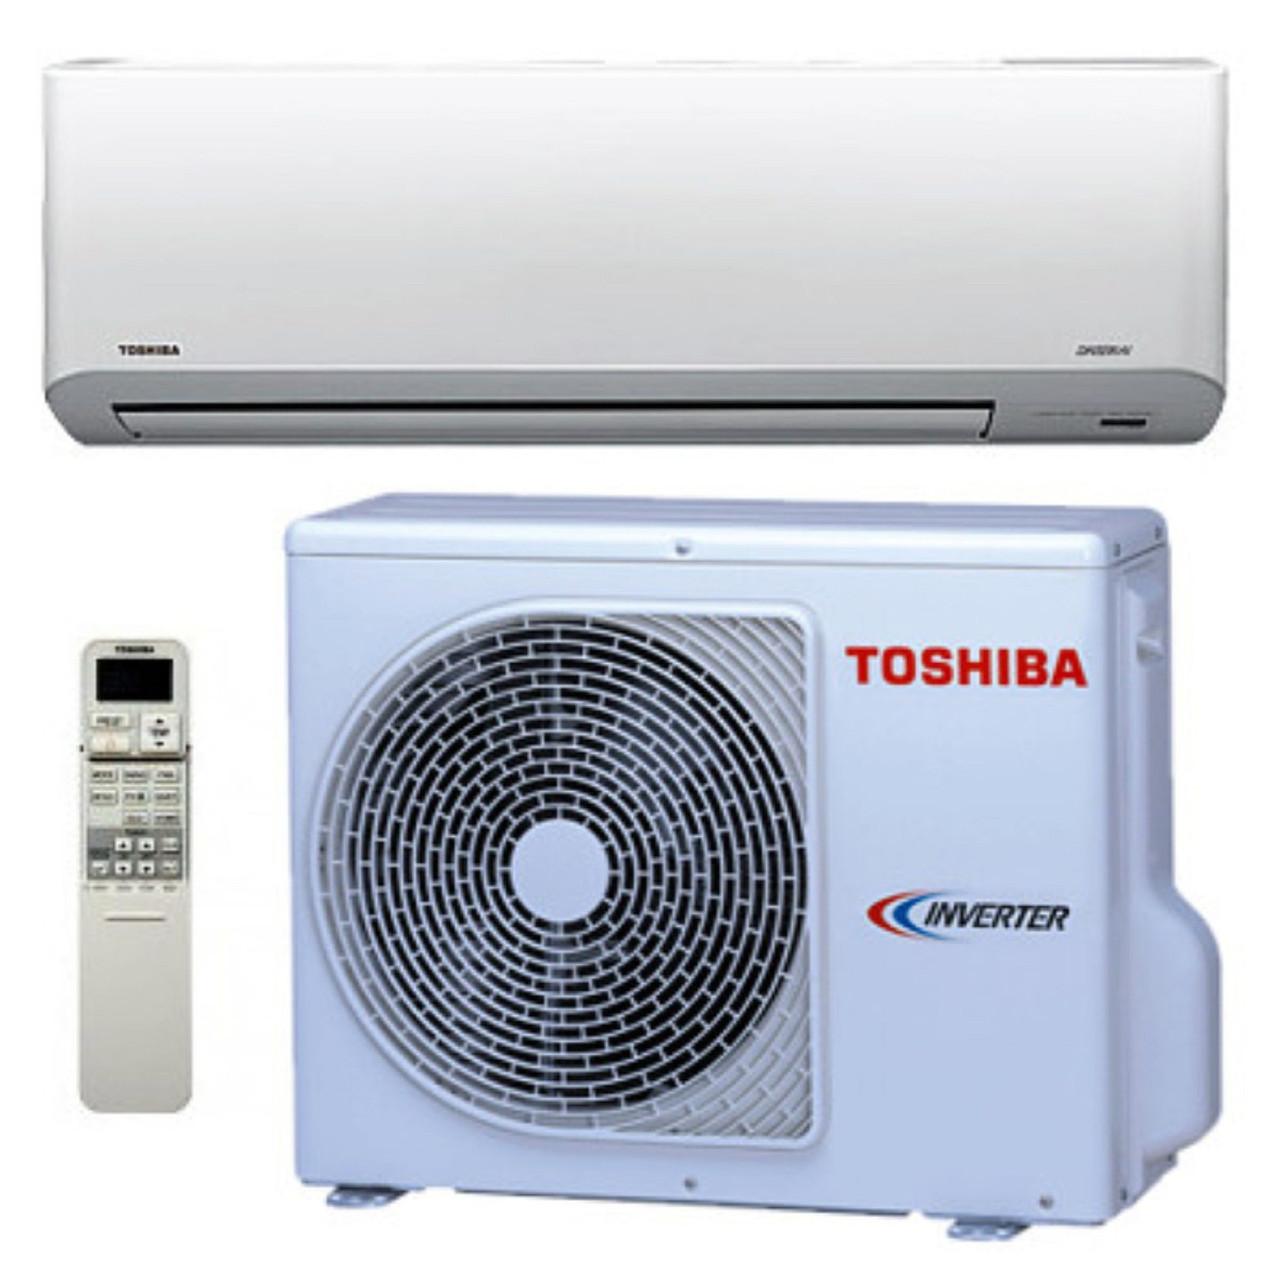 Кондиционер Toshiba RAS-18N3KVR-E/RAS-18N3AV-E